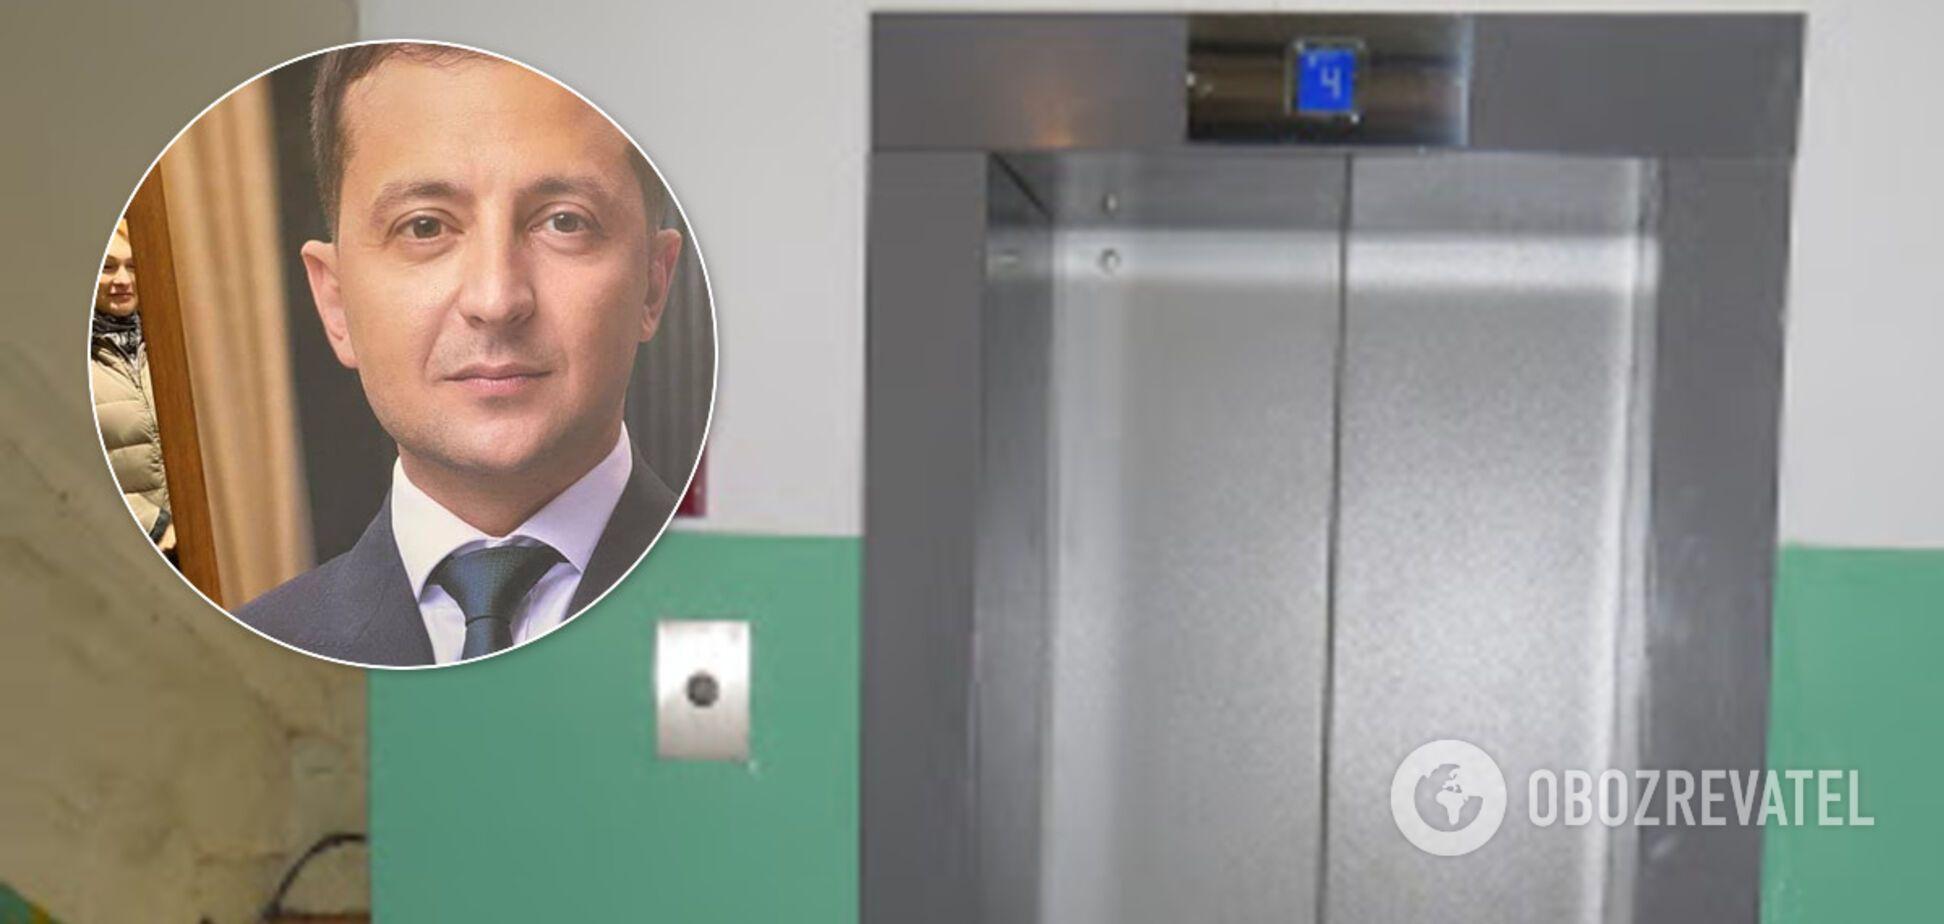 'Боже! Це що?!' Портрет Зеленського в ліфті ошелешив українців. Кумедне відео